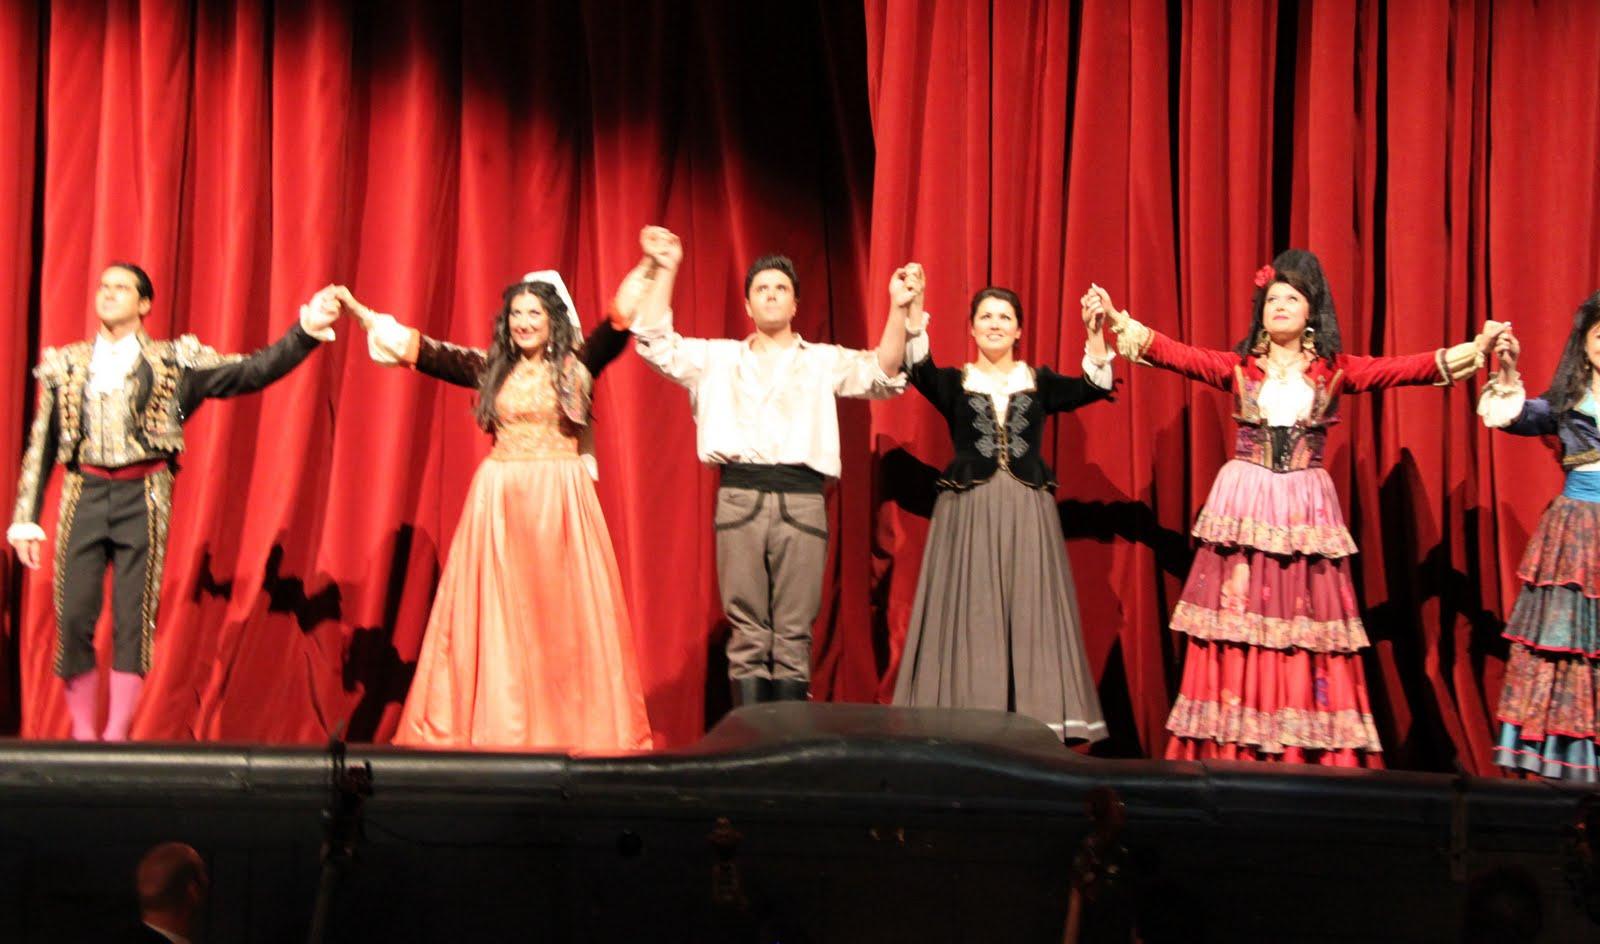 http://4.bp.blogspot.com/_YT-M7x2aW9Y/S-eh6zuHrTI/AAAAAAAAC8Q/6K3jBjvxvGU/s1600/Wien+Carmen+060.JPG